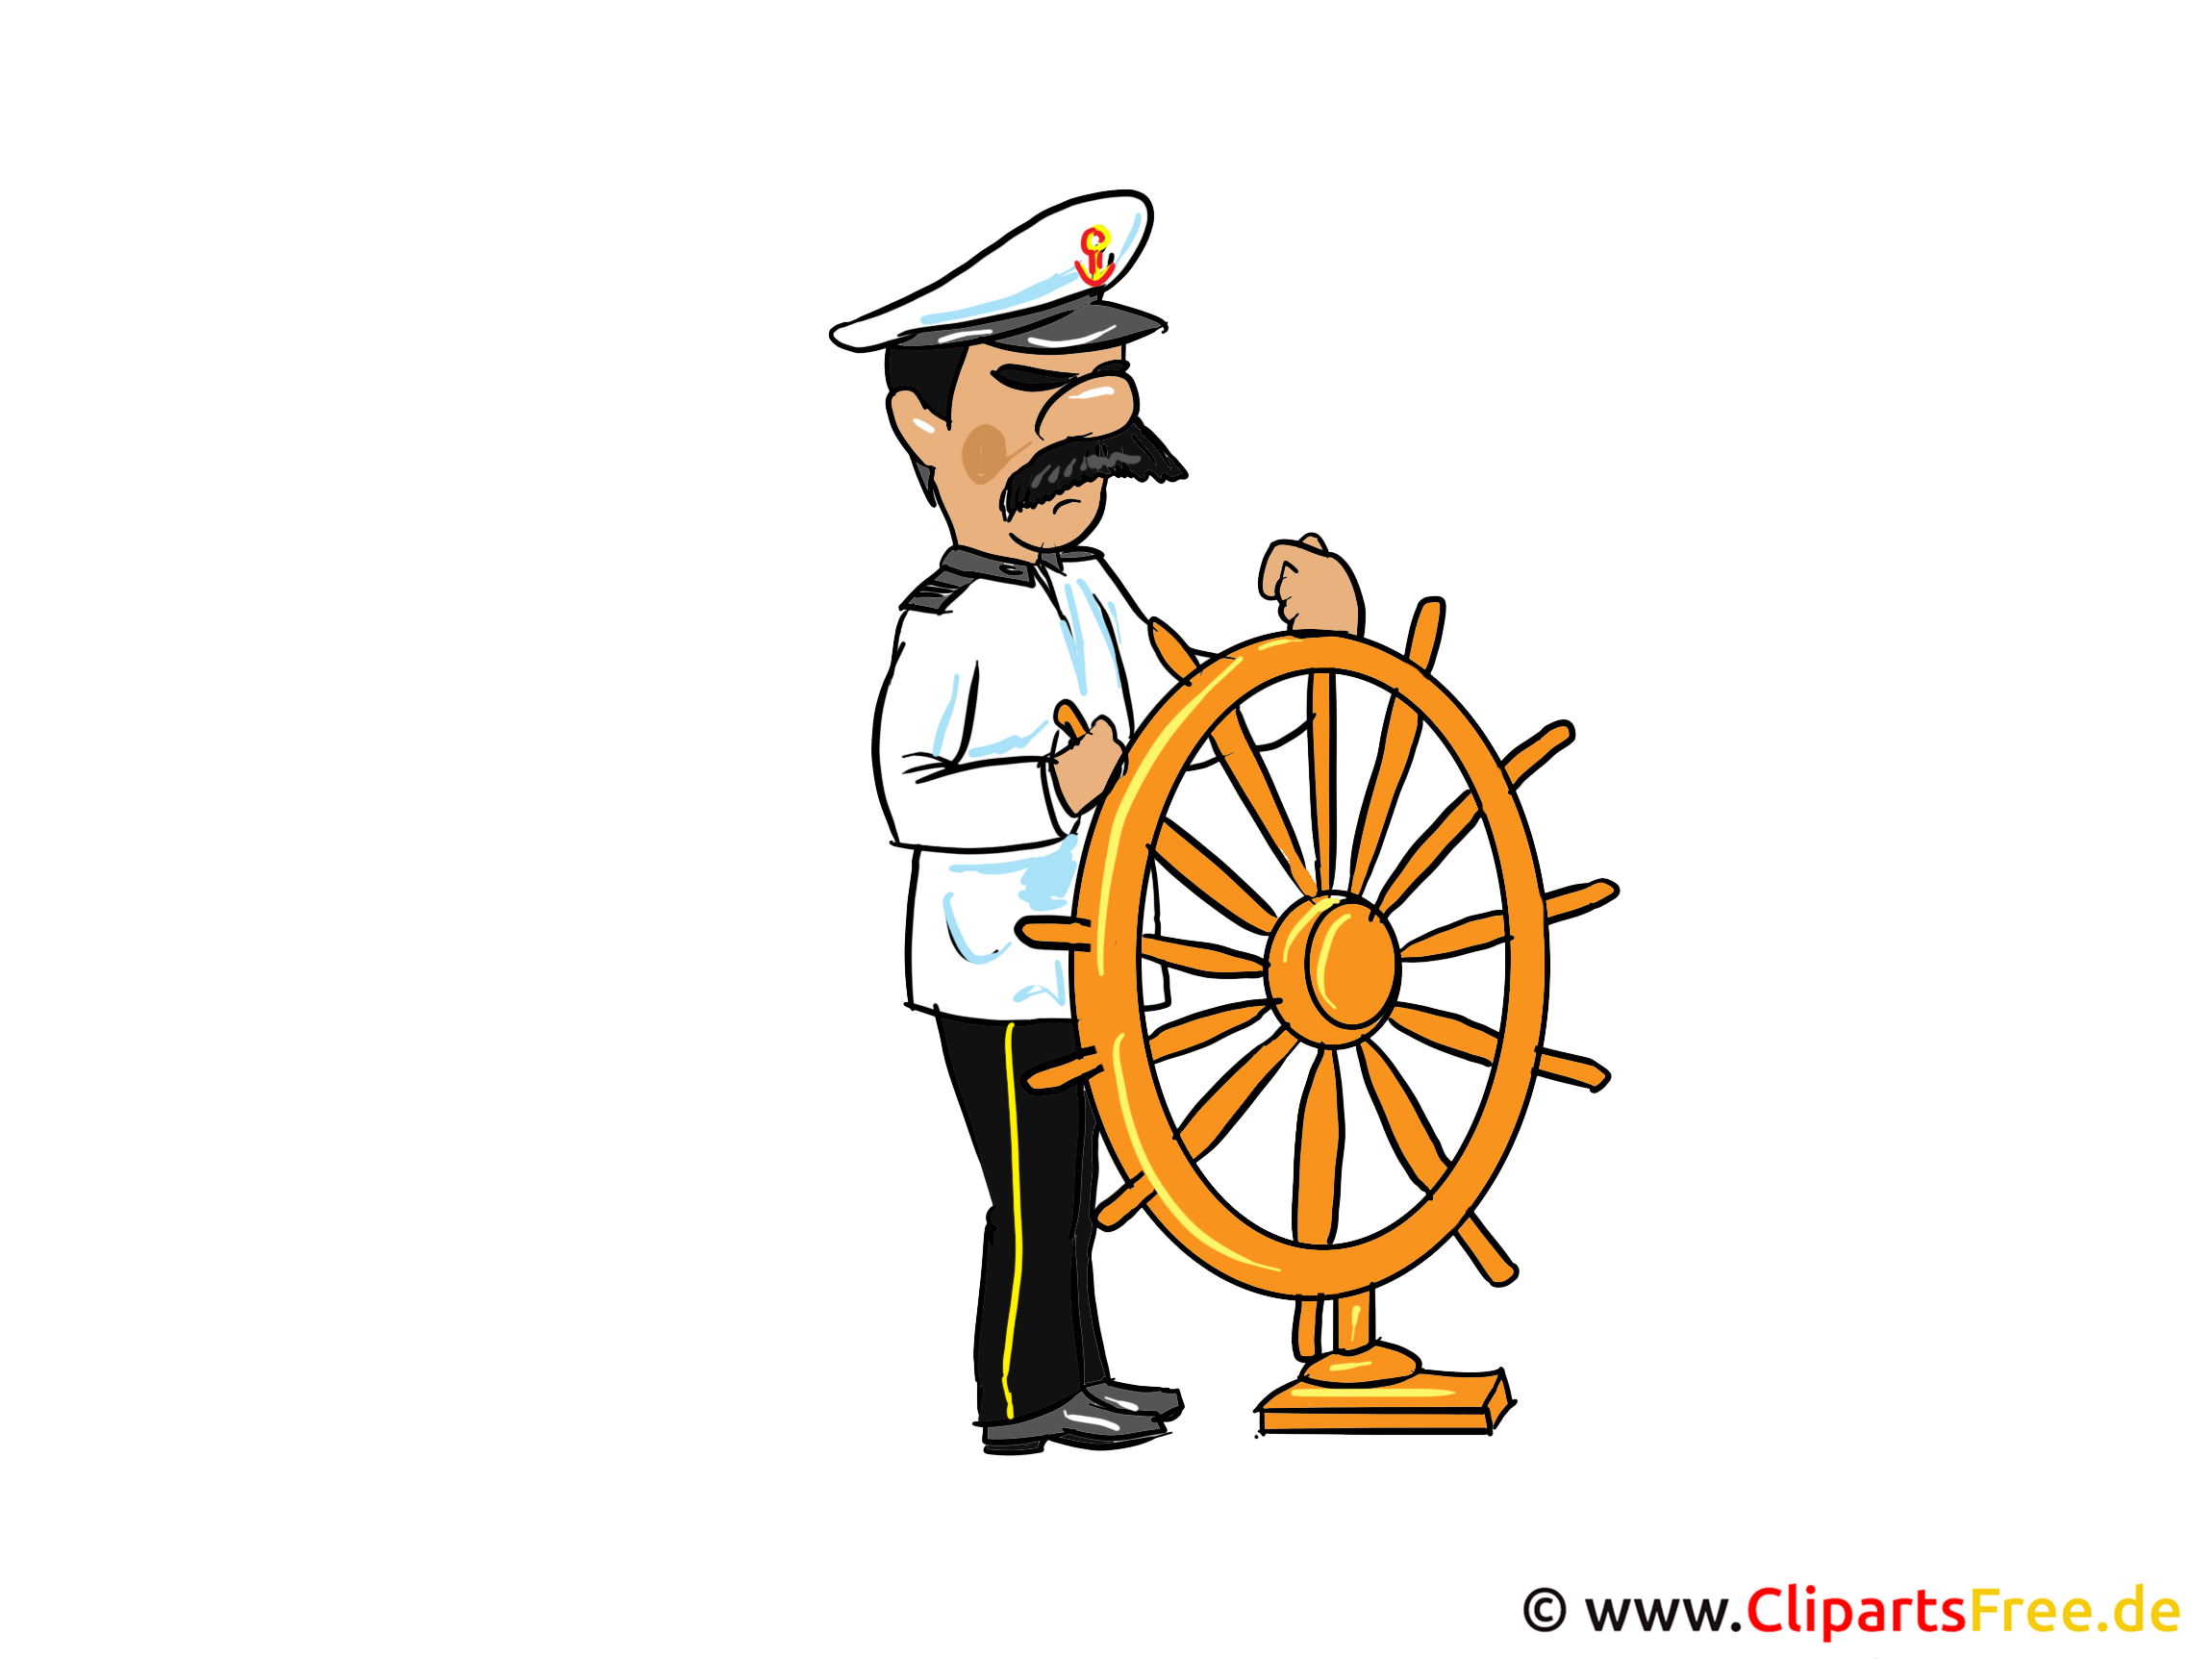 Kapitän Bild, Clipart, Cartoon, Illustration kostenlos